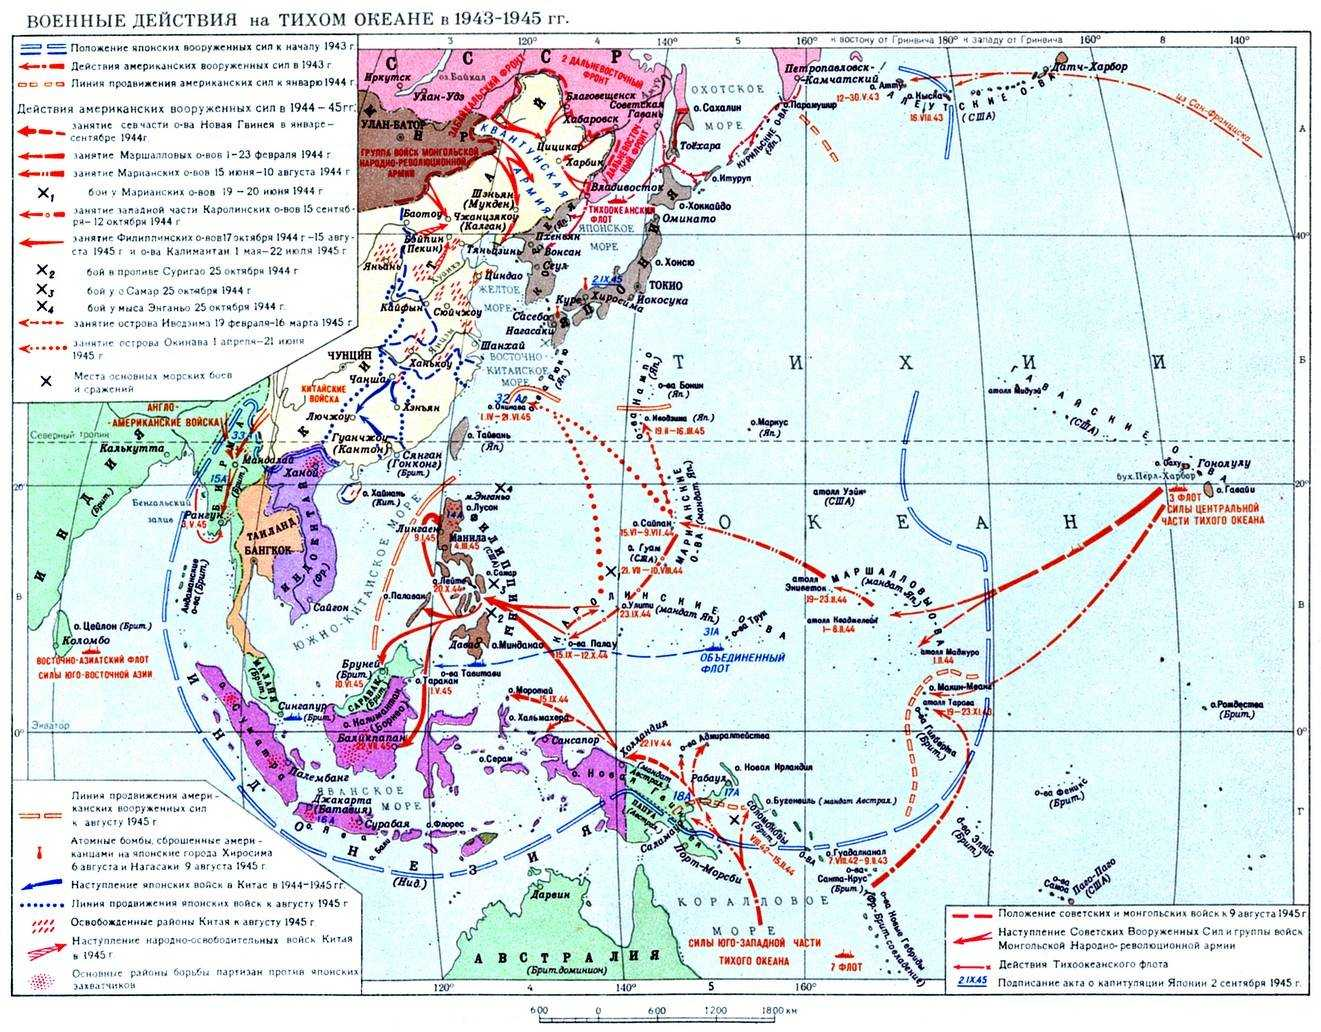 Тихий океан 1943-1945